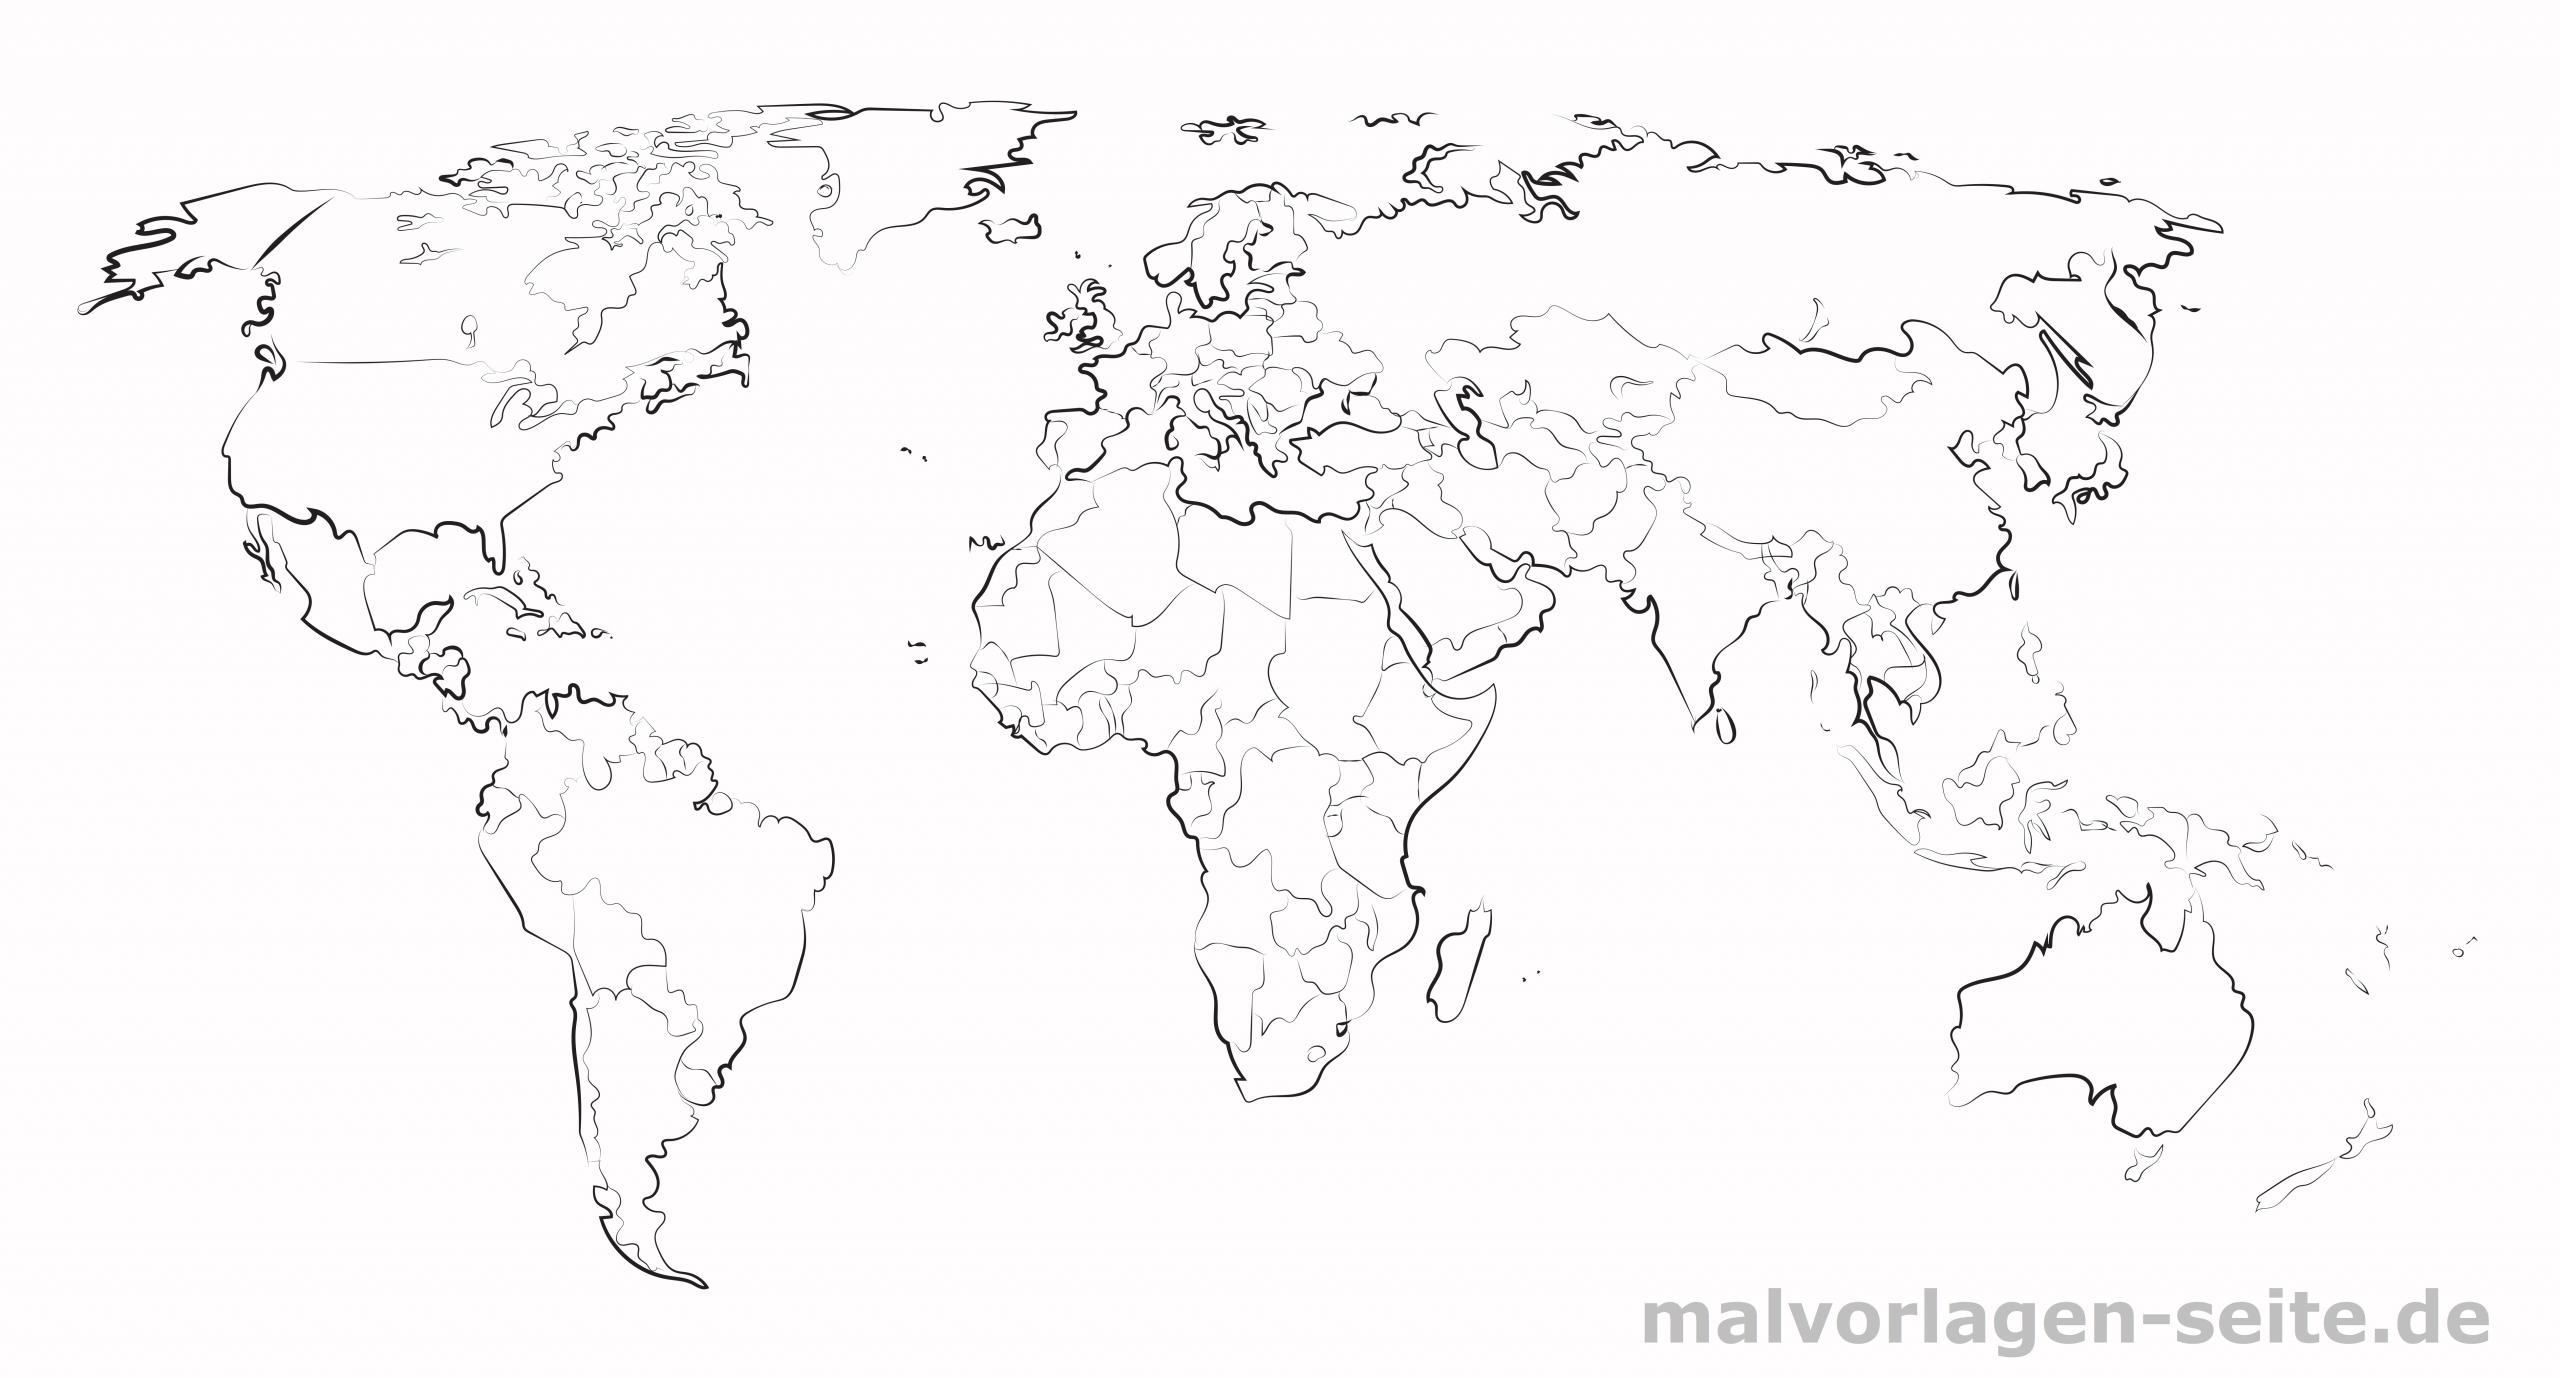 Große Weltkarte Zum Ausdrucken Und Selber Gestalten bestimmt für Weltkarte Din A3